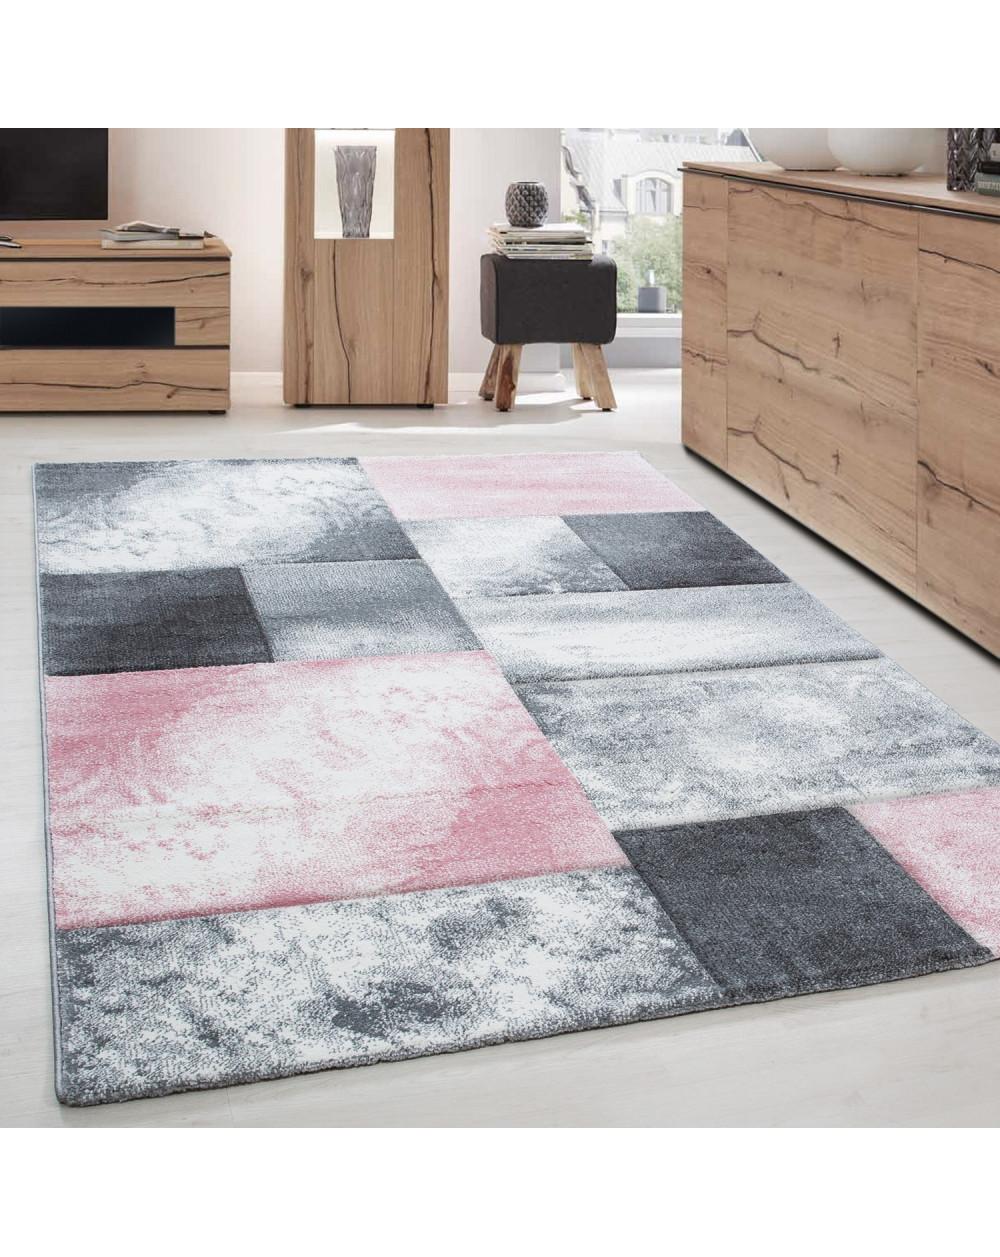 Moderner Designer Konturenschnitt 3D Wohnzimmer Teppich Hawaii 1710 Pink